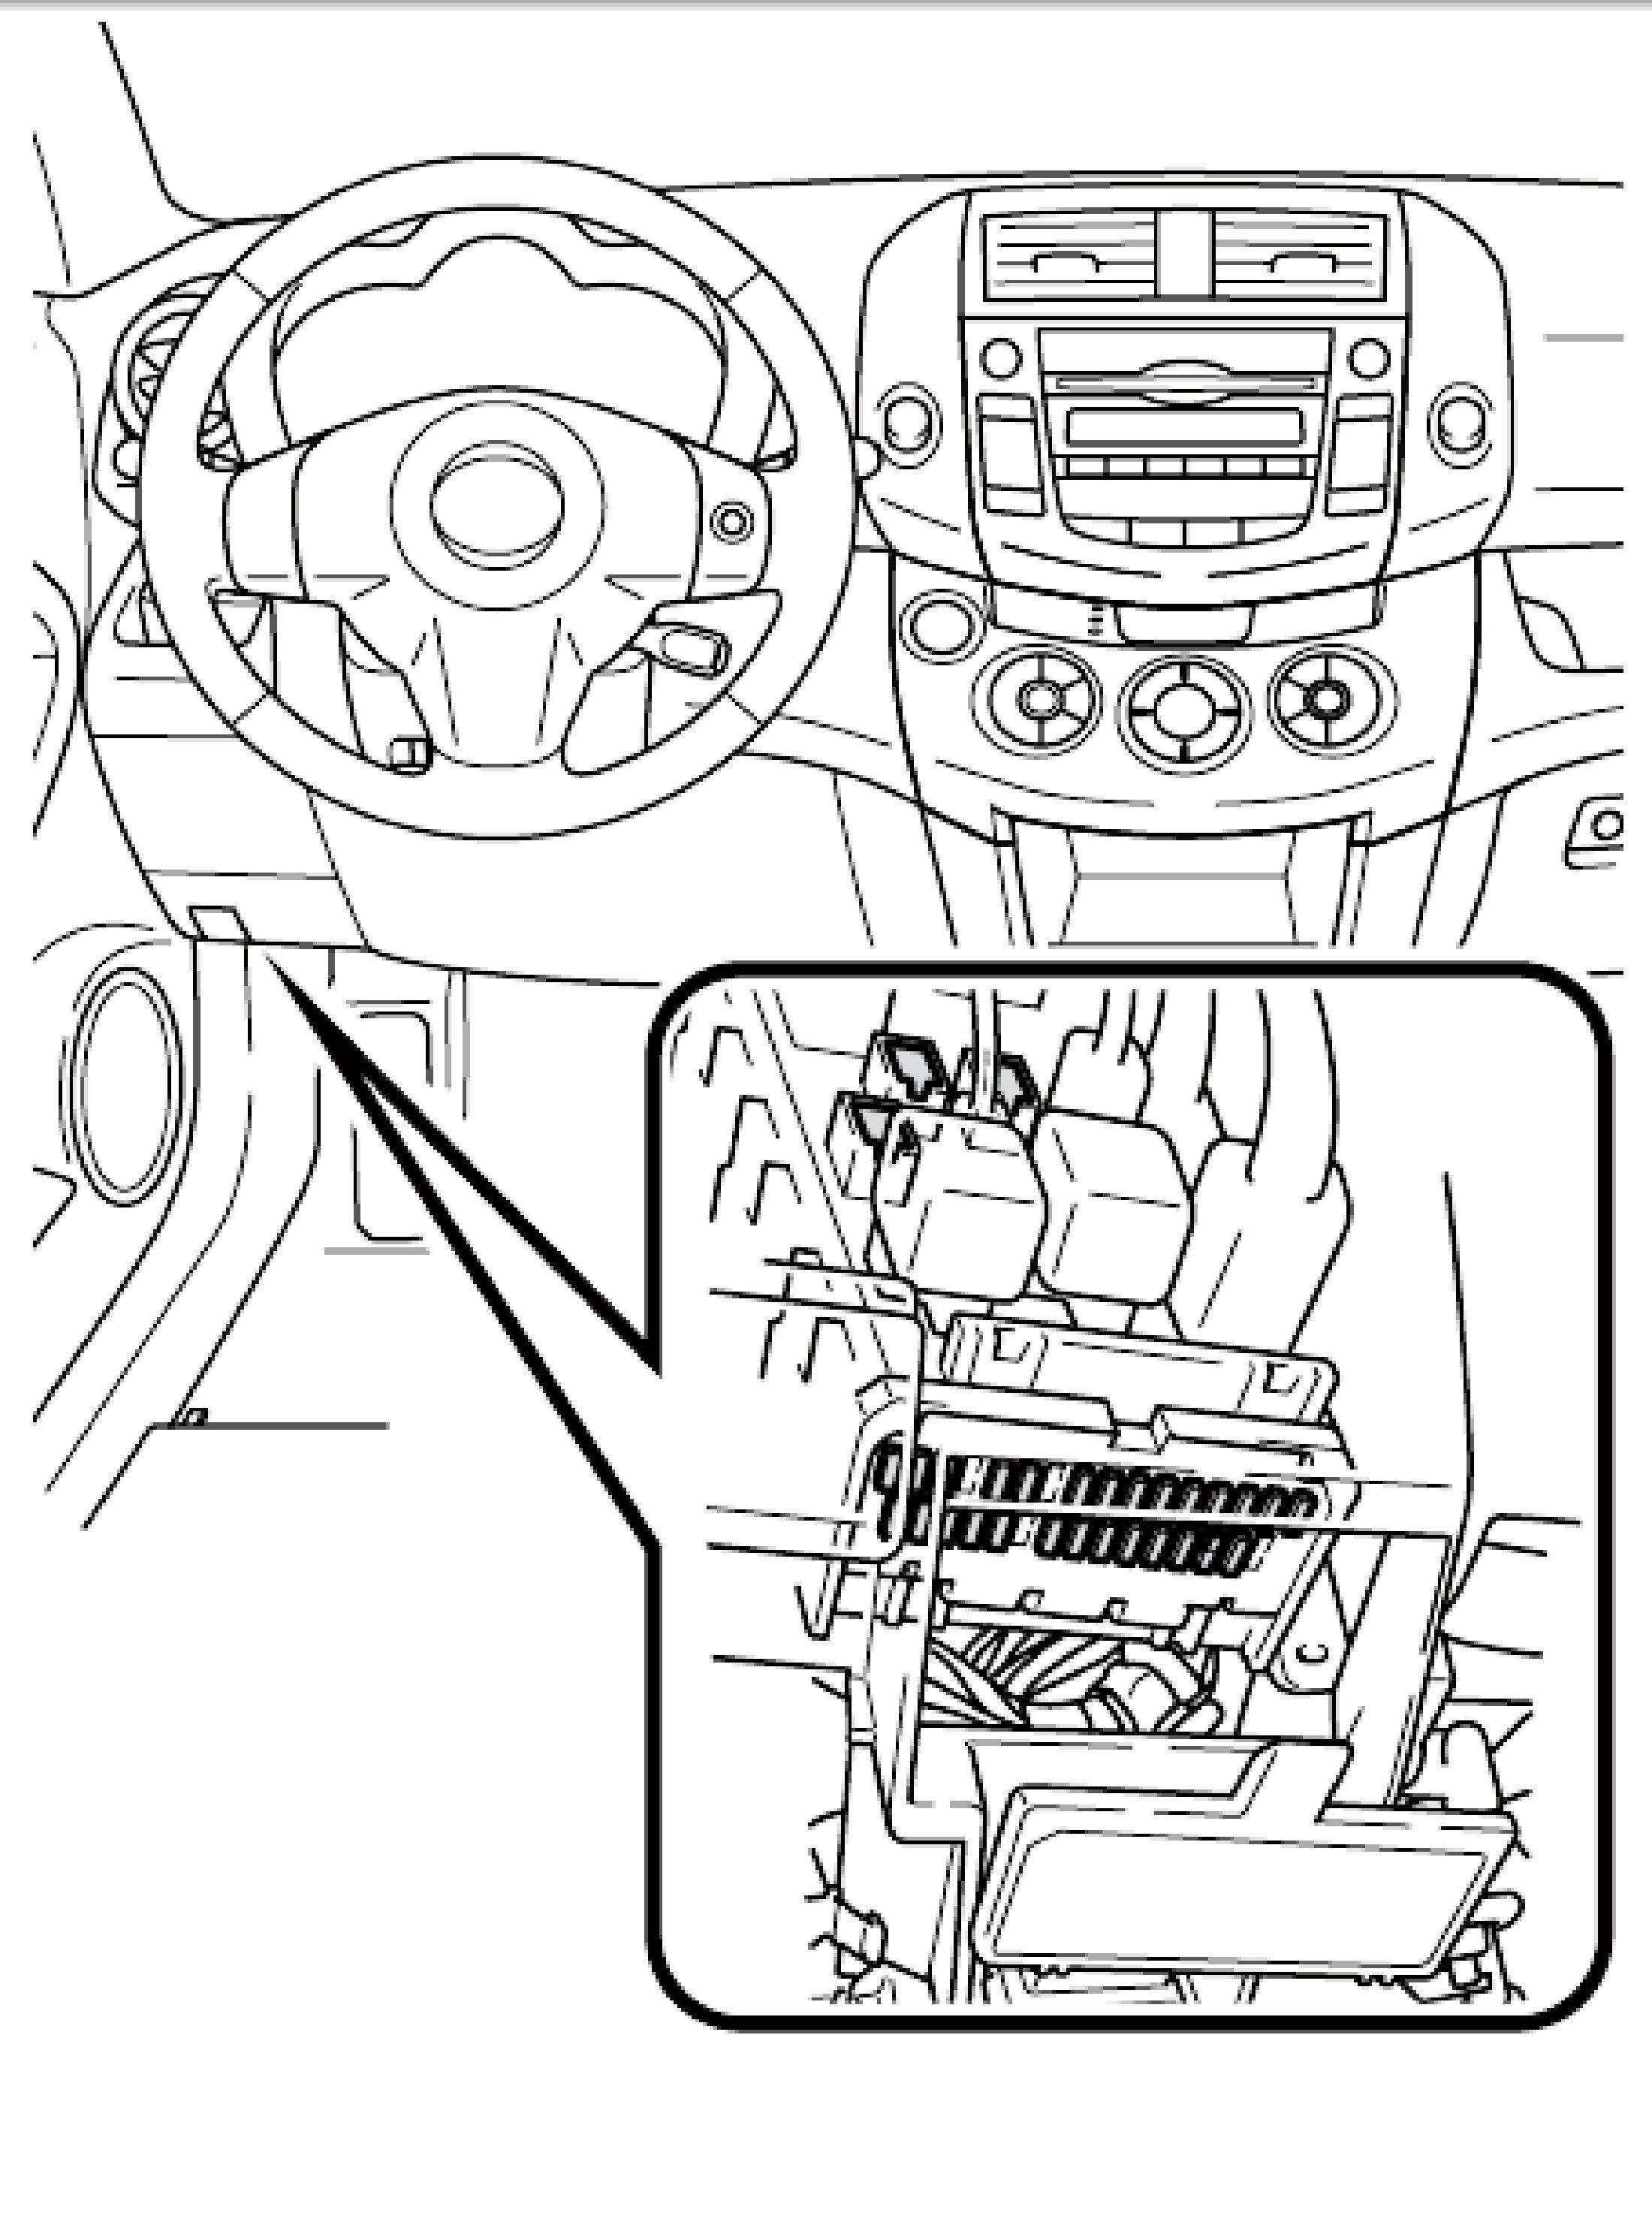 Chevy Lumina Fuse Box Diagram